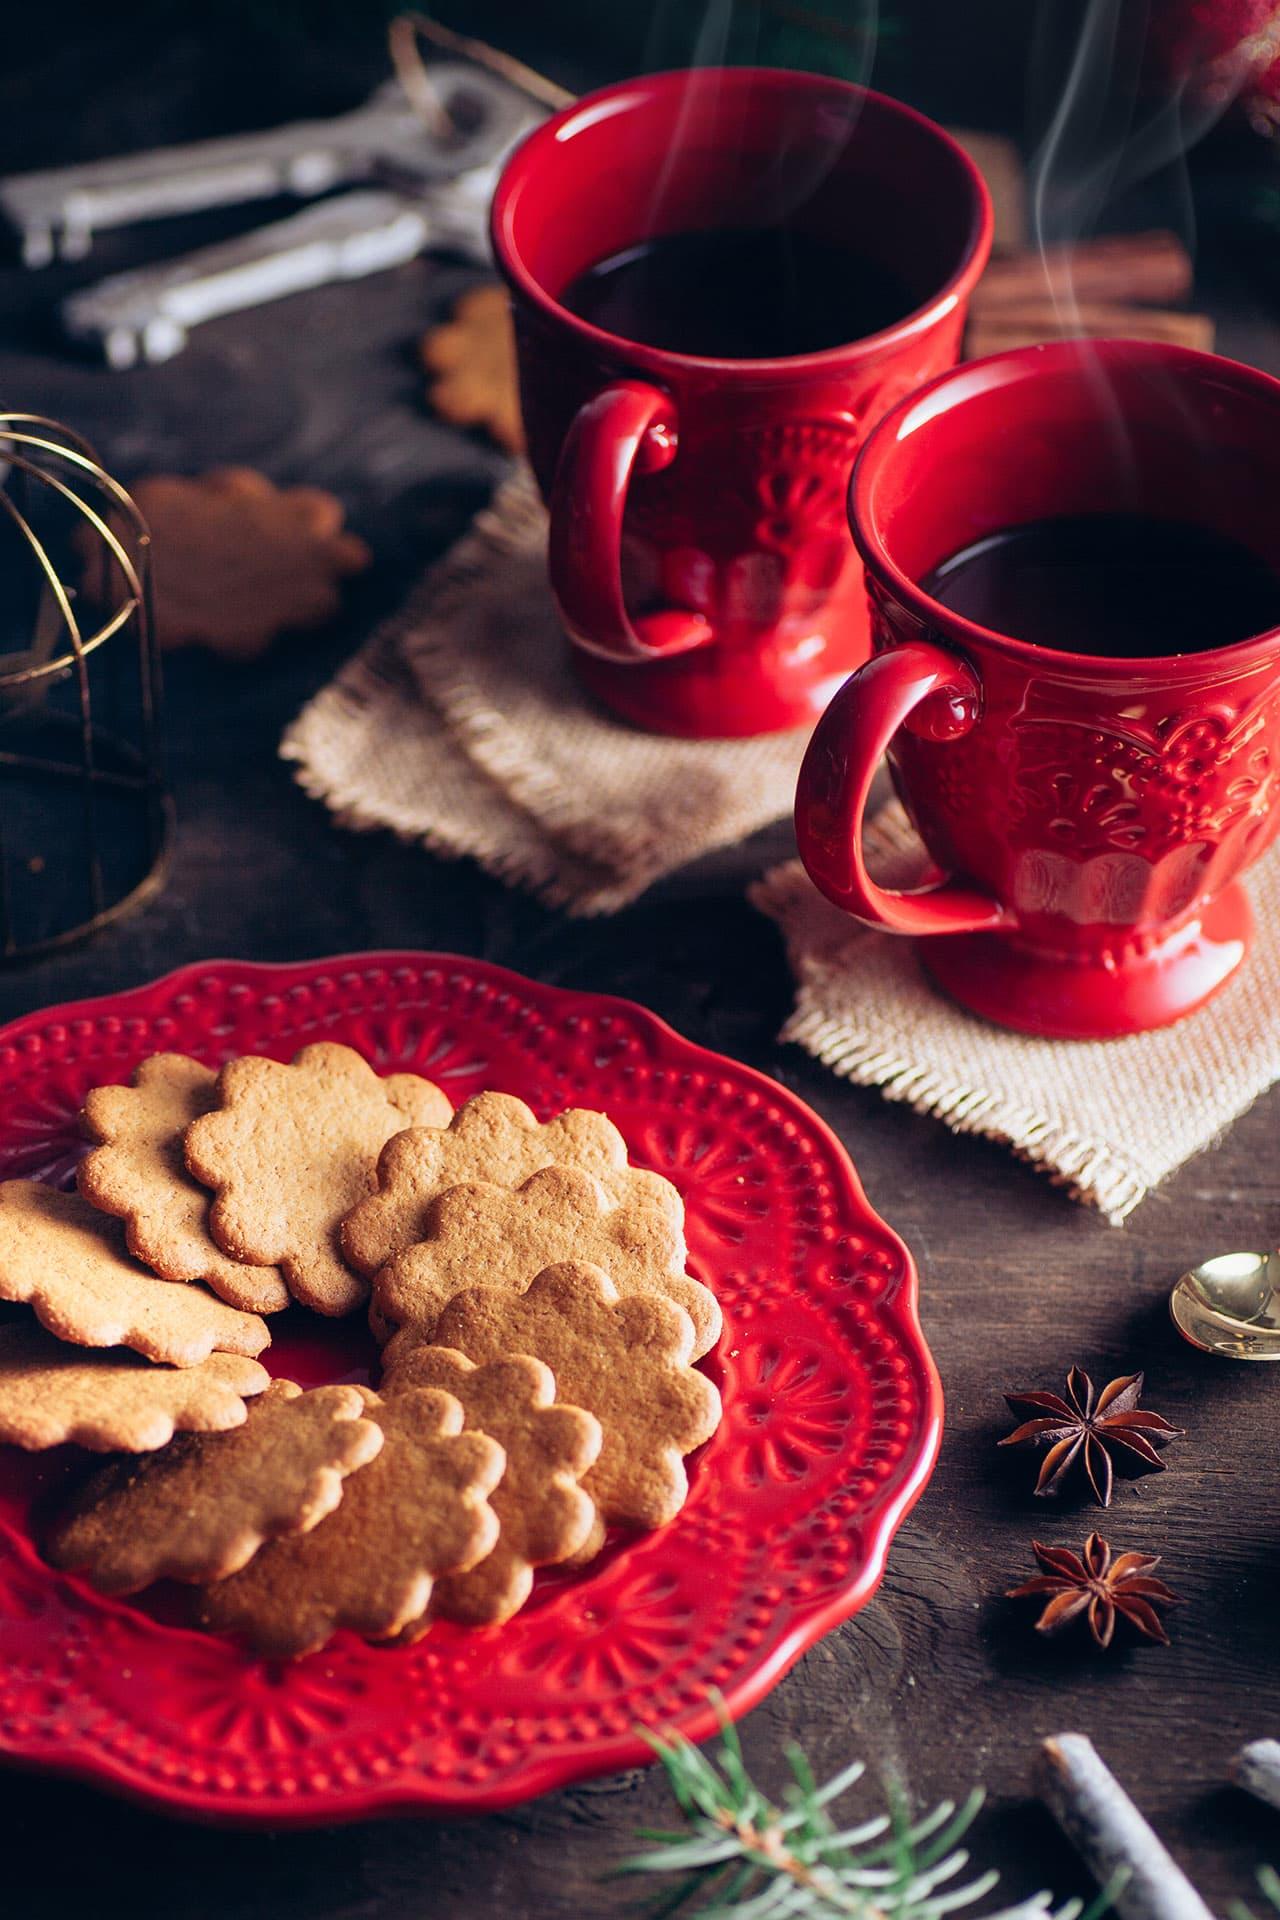 cioccolata calda fumante con tazze e piatti rossi fotografia food e storytelling editoriale advertising ristorazione udine treviso gorizia friuli venezia giulia veneto nord italia